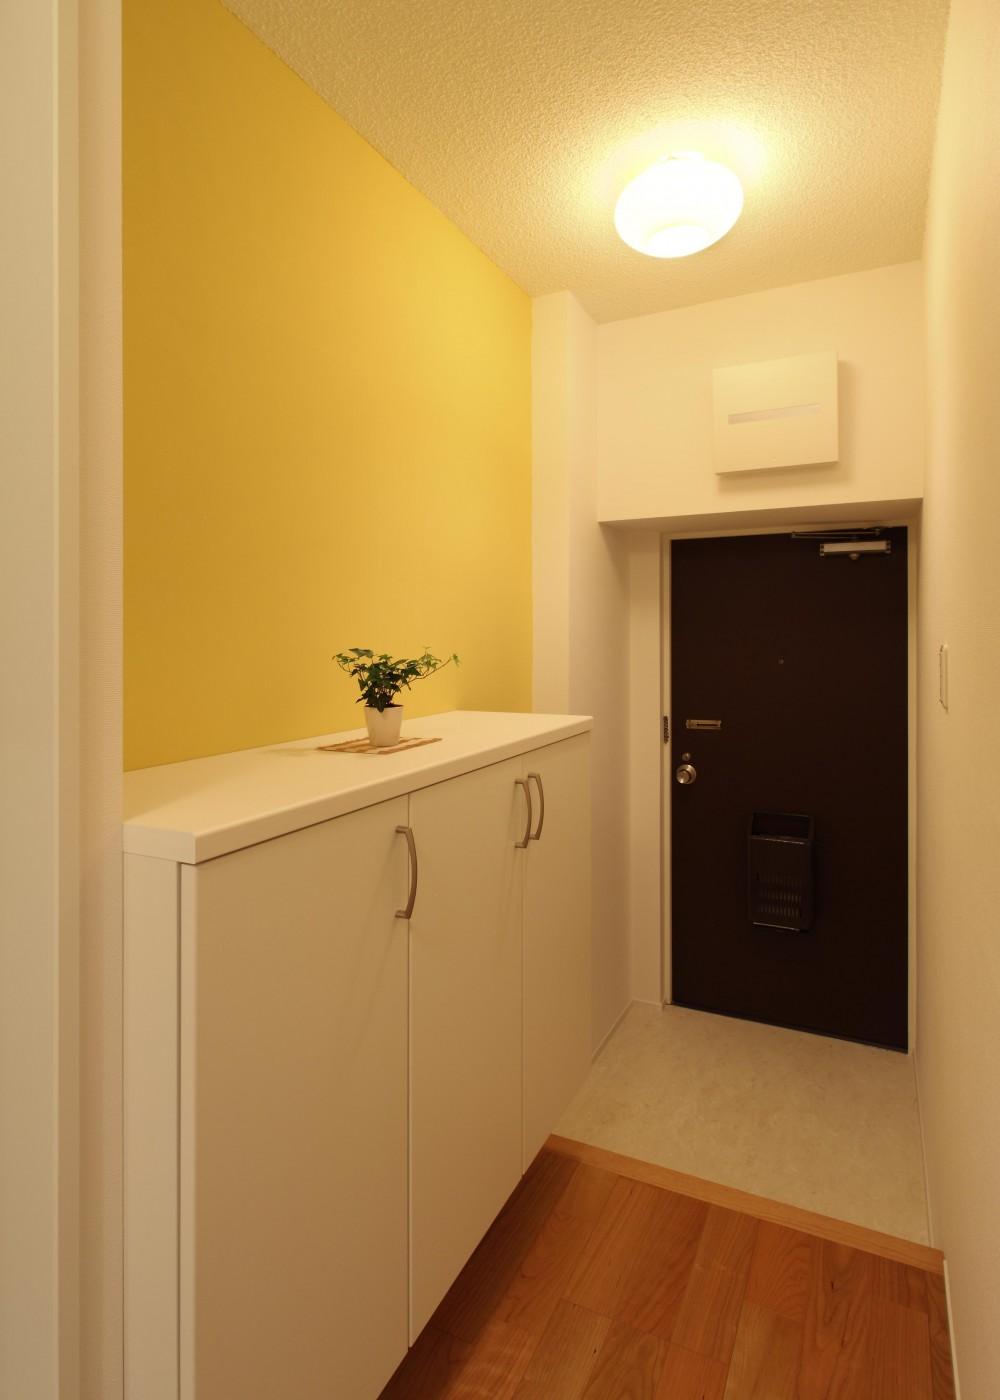 内装に拘ったLDK空間でひとり暮らしをとことん楽しむ。 (玄関)